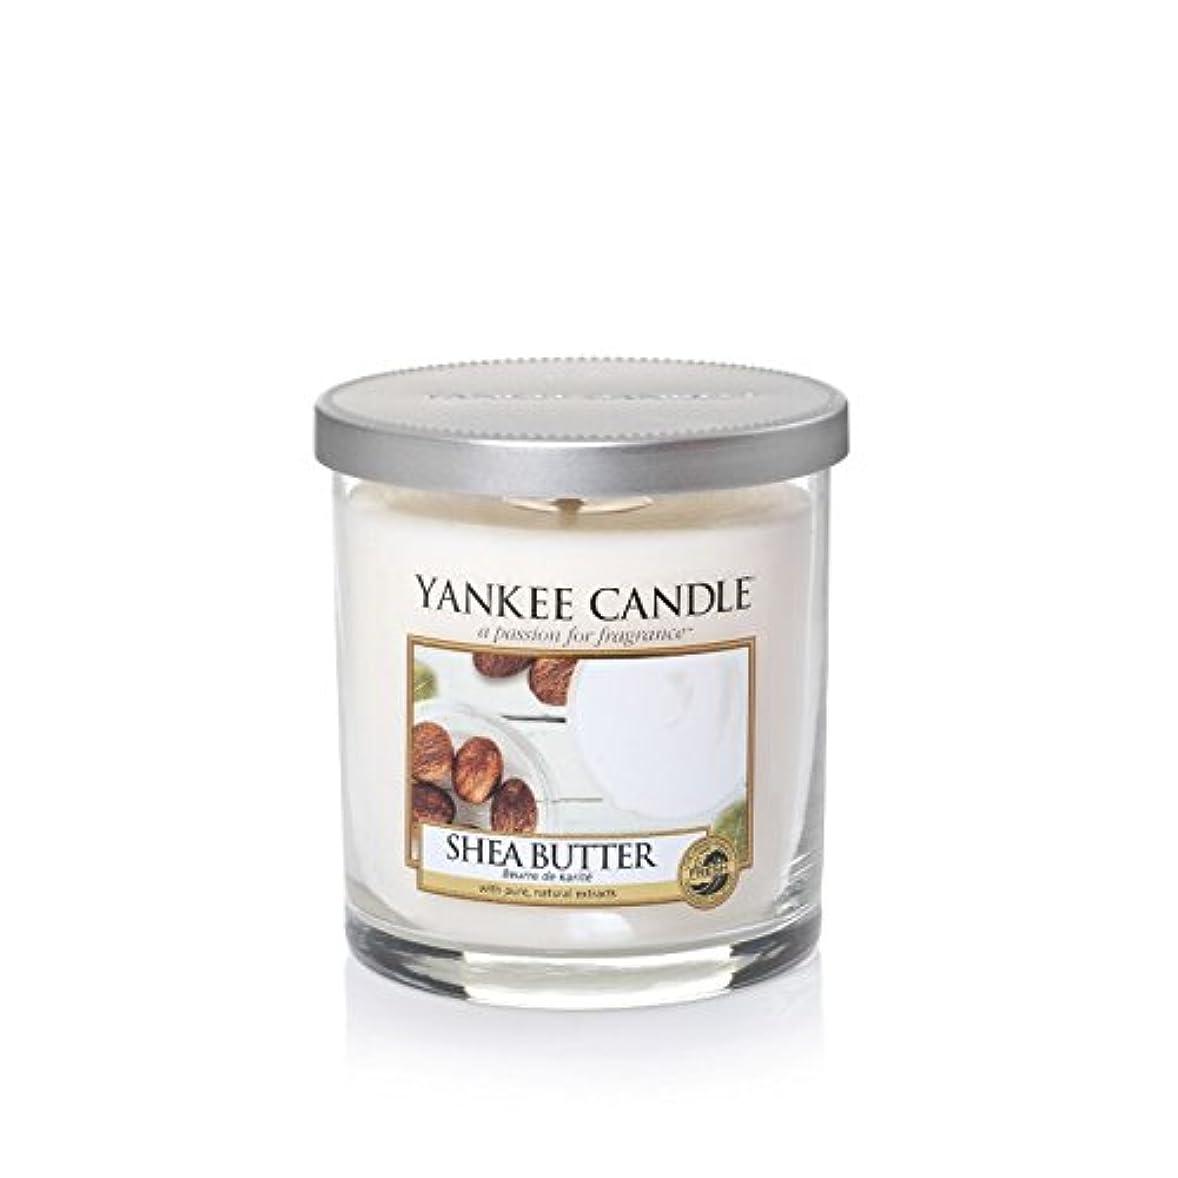 罰中央スリラーヤンキーキャンドルの小さな柱キャンドル - シアバター - Yankee Candles Small Pillar Candle - Shea Butter (Yankee Candles) [並行輸入品]